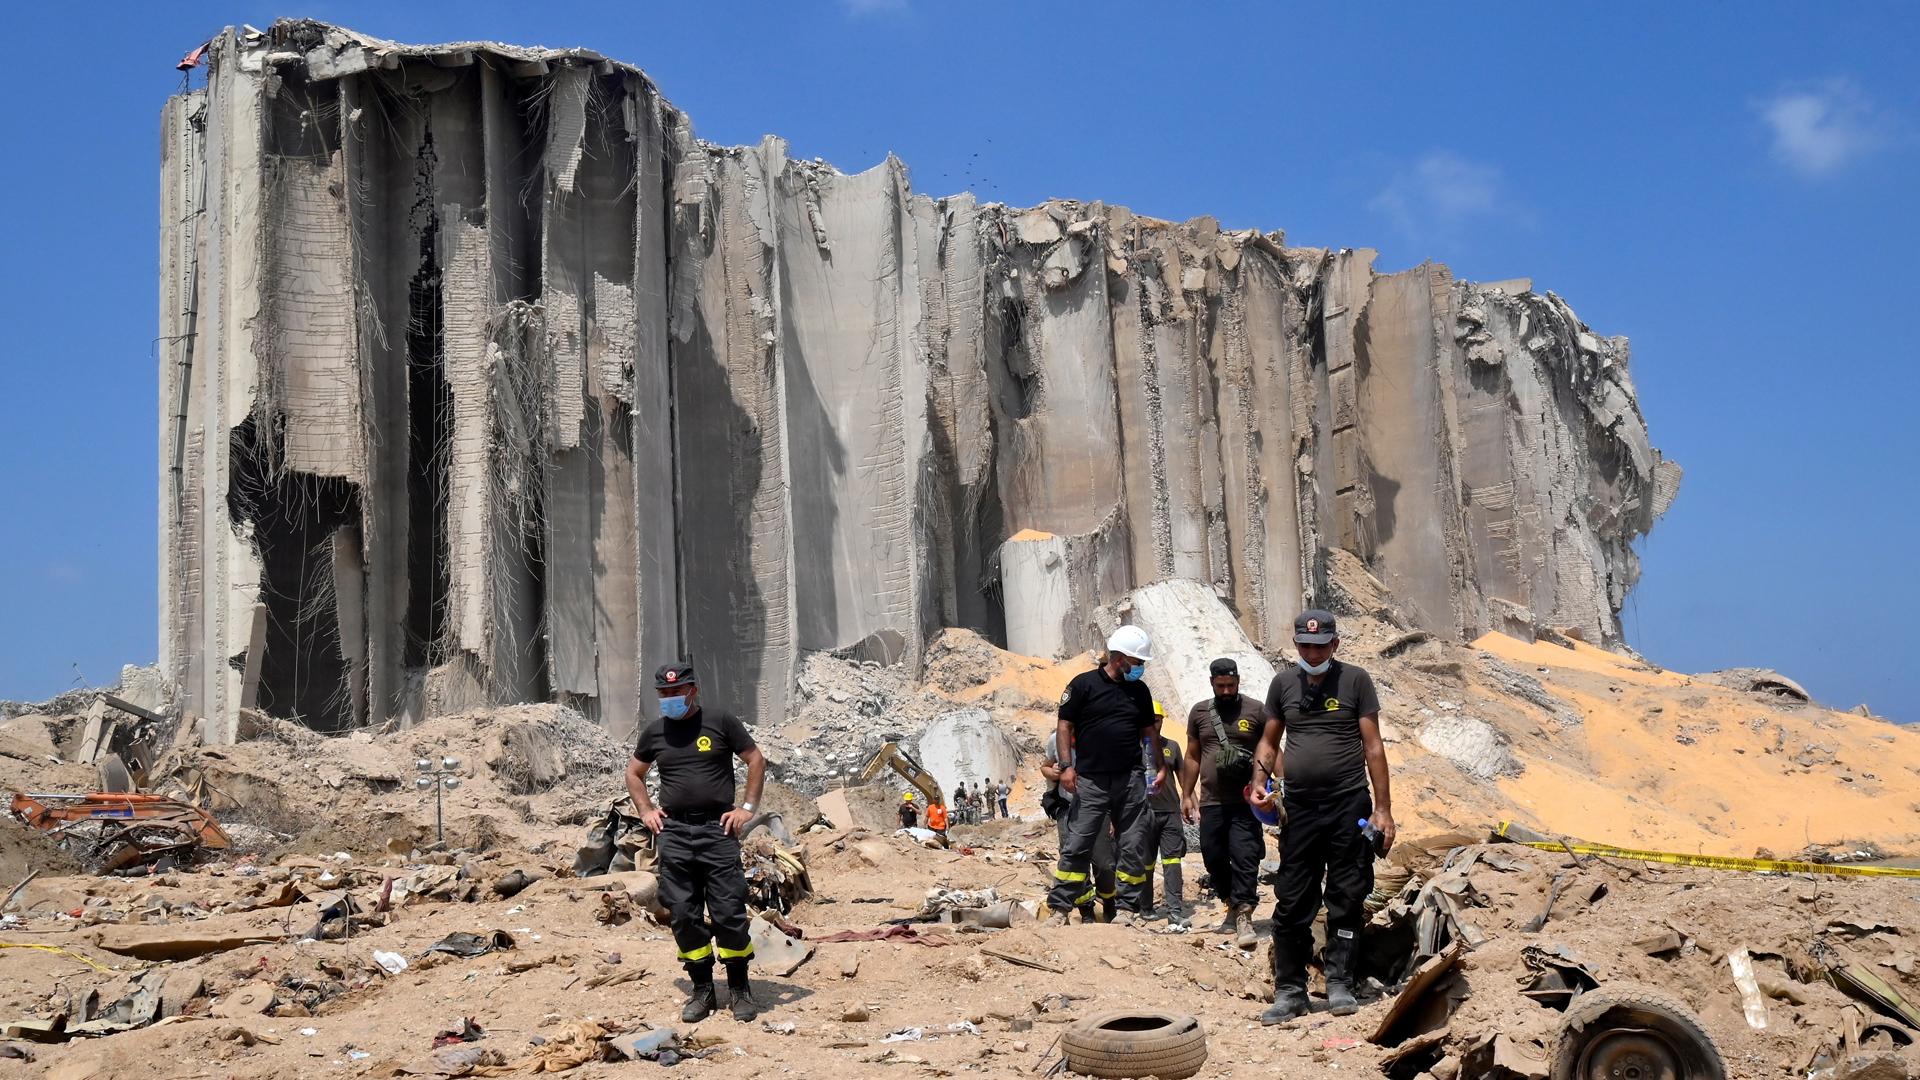 México apoyará al Líbano con 100 mil dólares tras explosión trágica